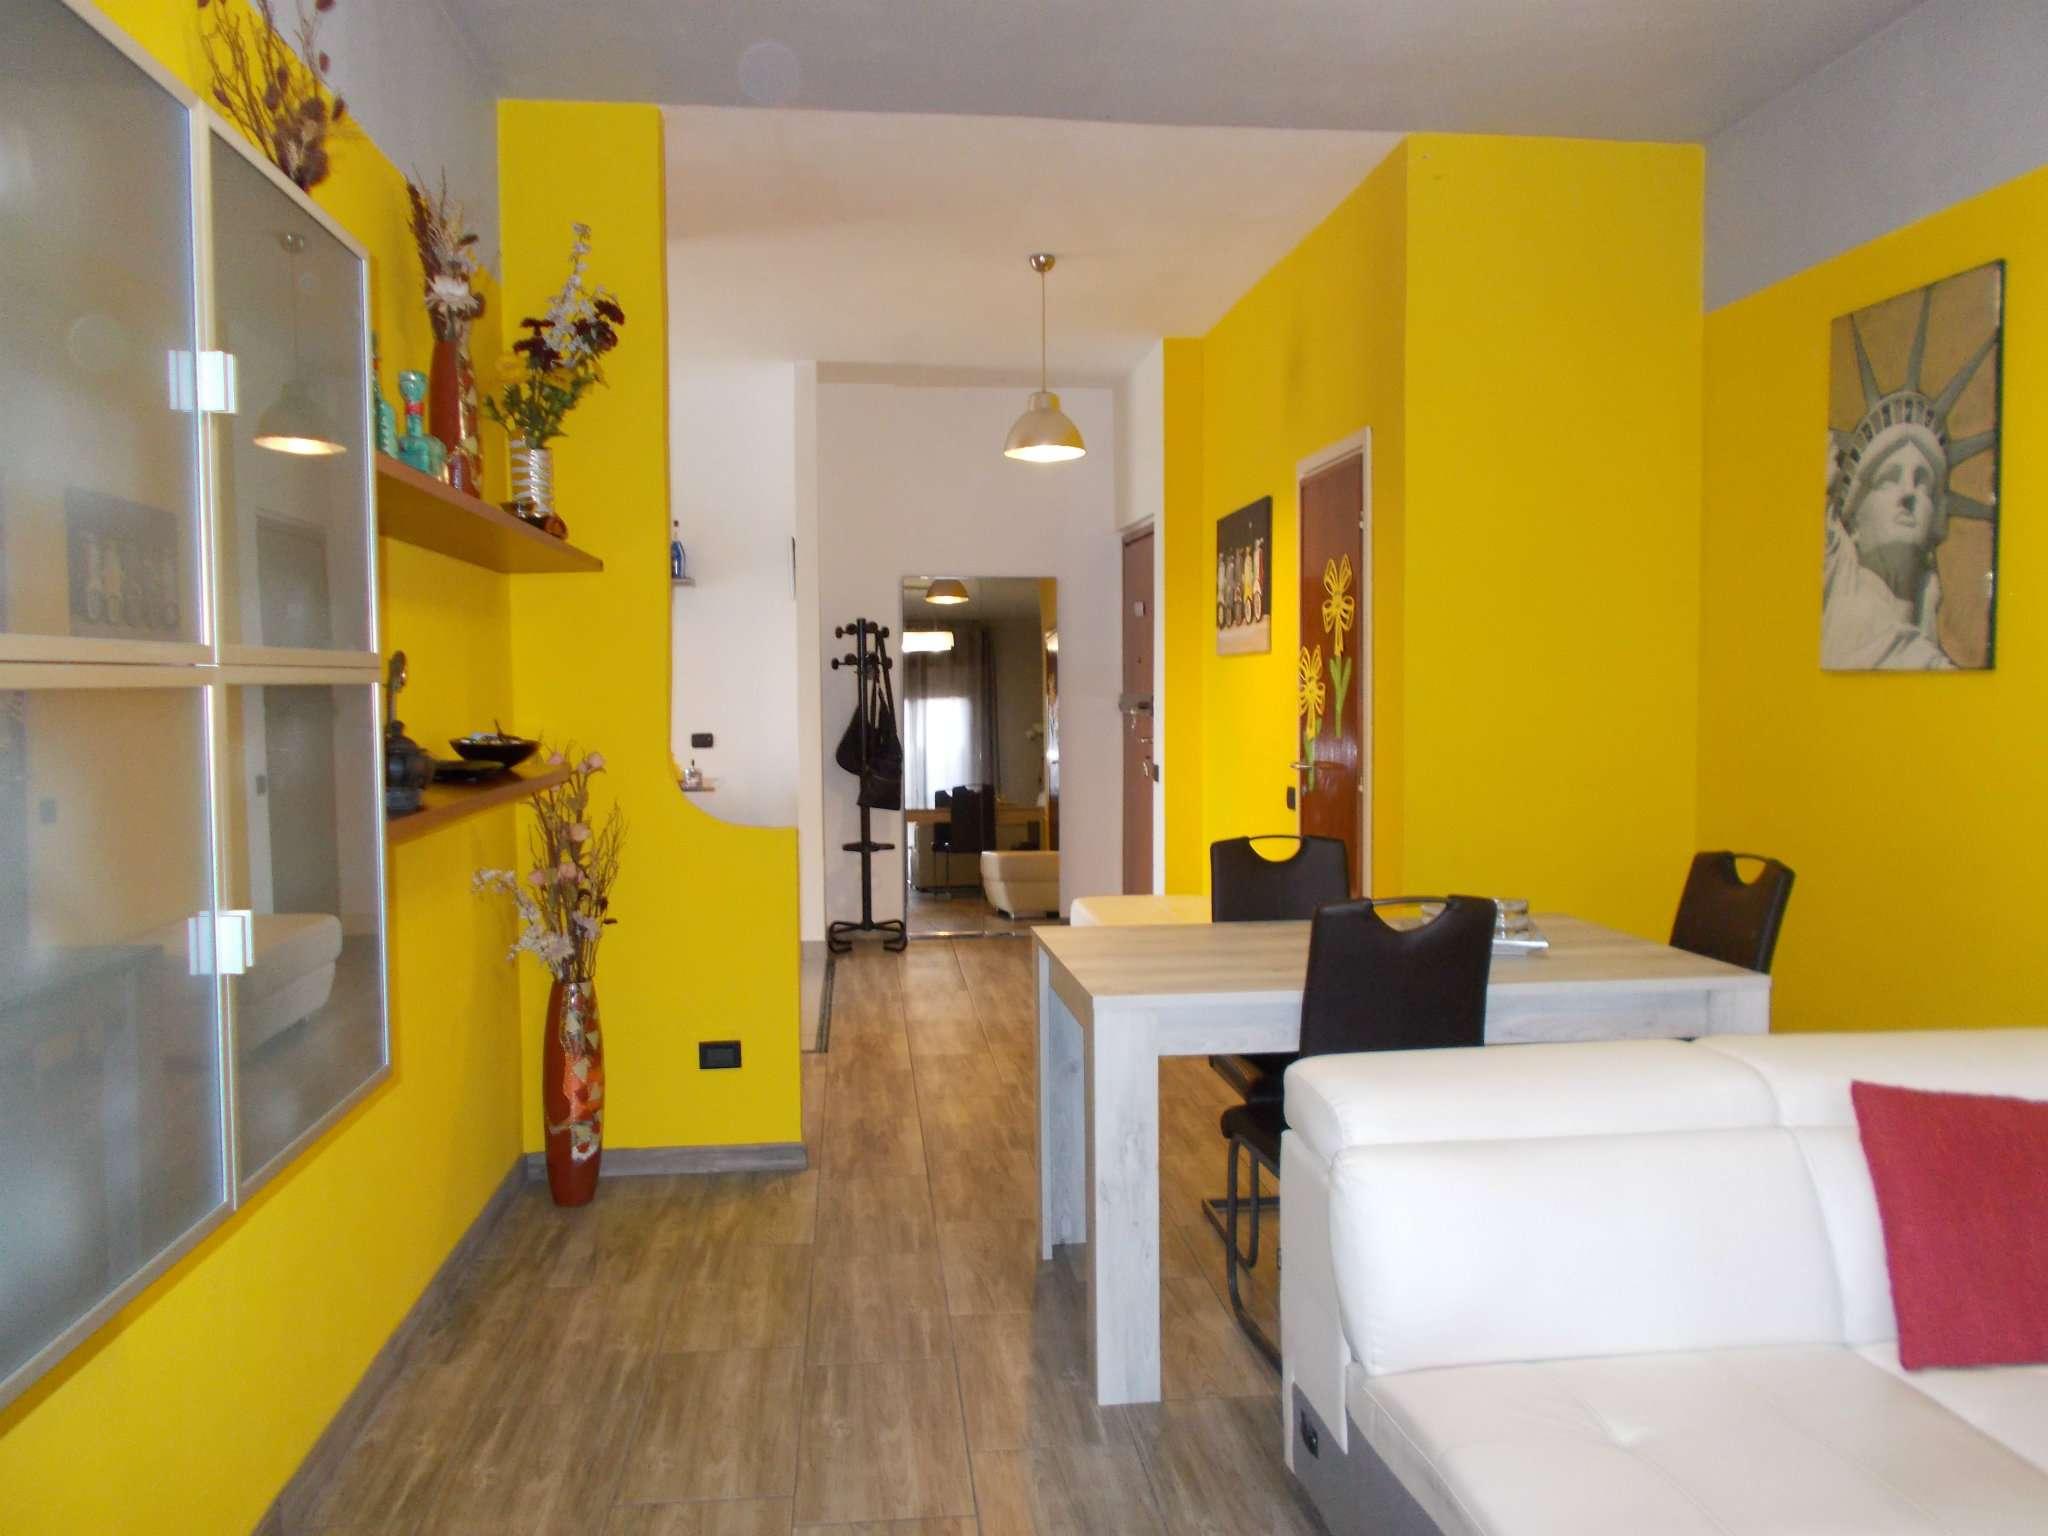 Appartamento in vendita a Cavenago di Brianza, 3 locali, prezzo € 99.000 | CambioCasa.it